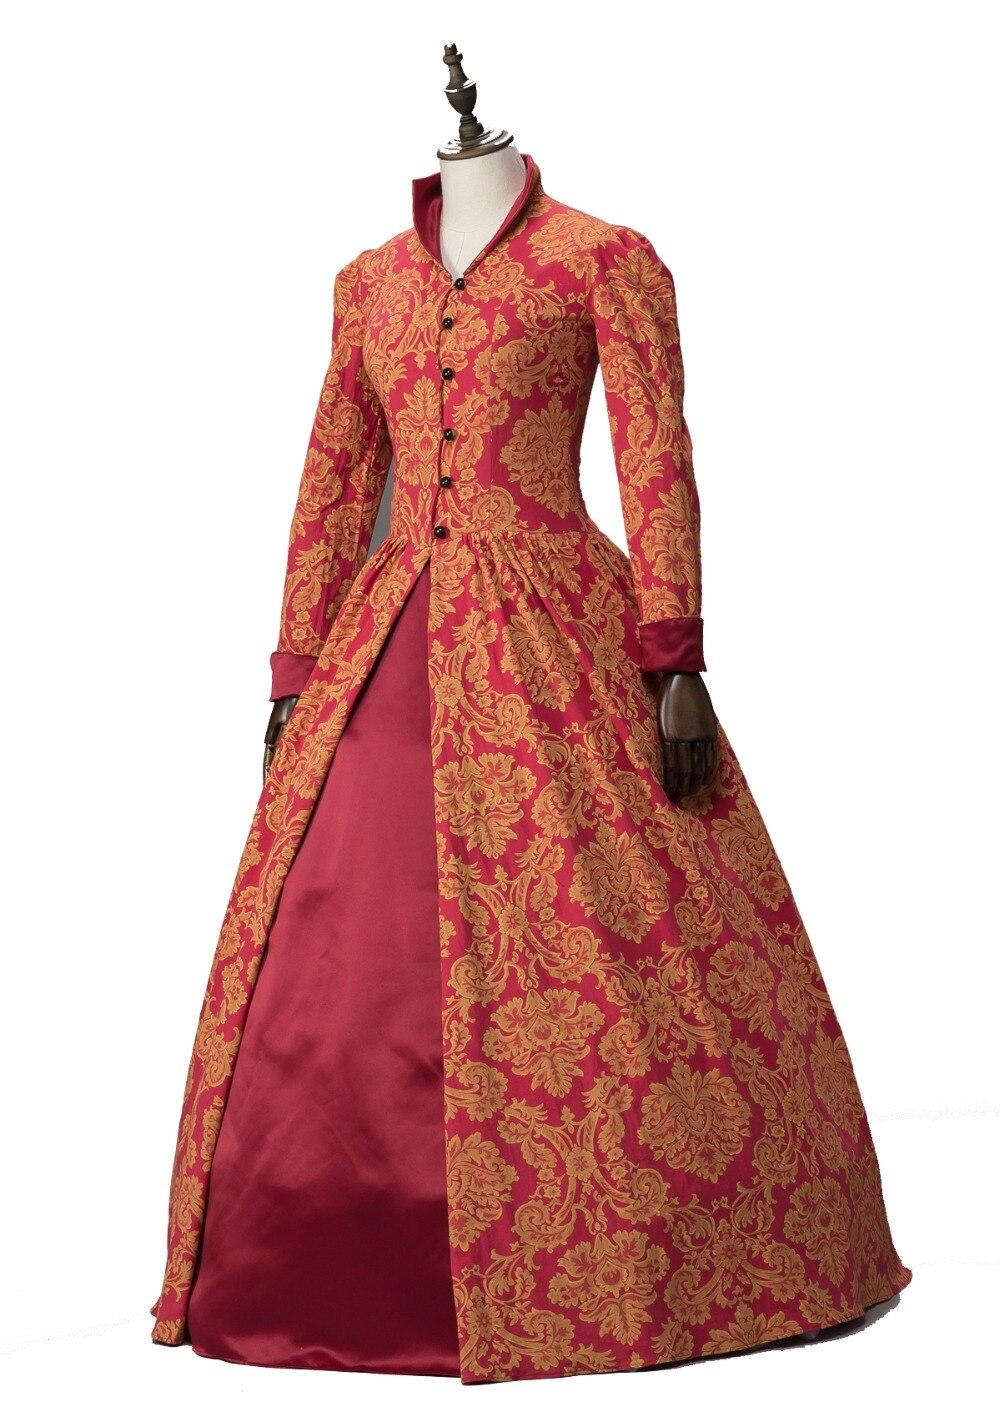 Robe de bal bordeaux Marie Antoinette coloniale mascarade victorienne brocart théâtre robe de bal période impression argent/Champa